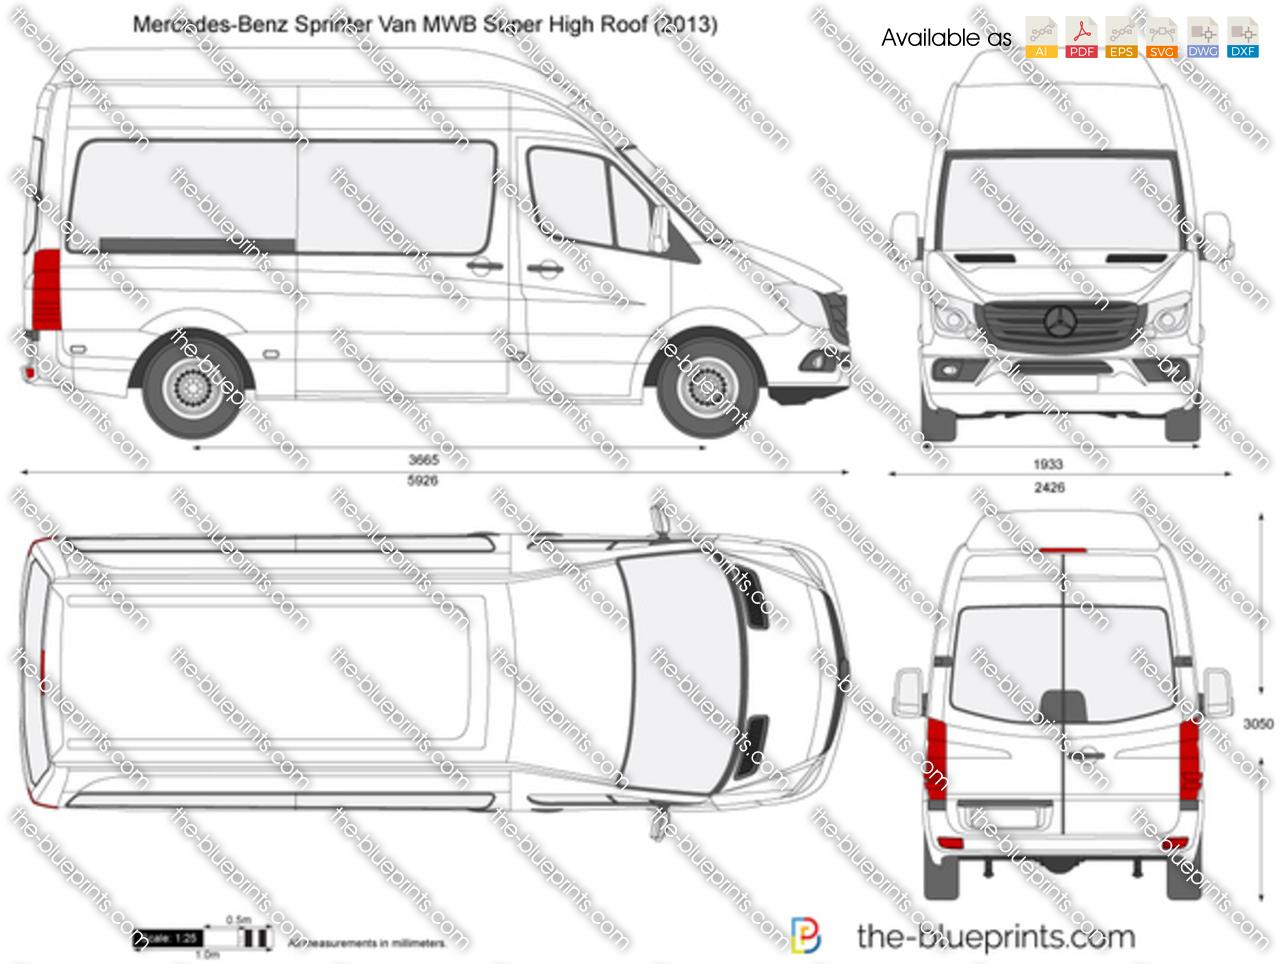 Mercedes-Benz Sprinter Van MWB Super High Roof vector drawing